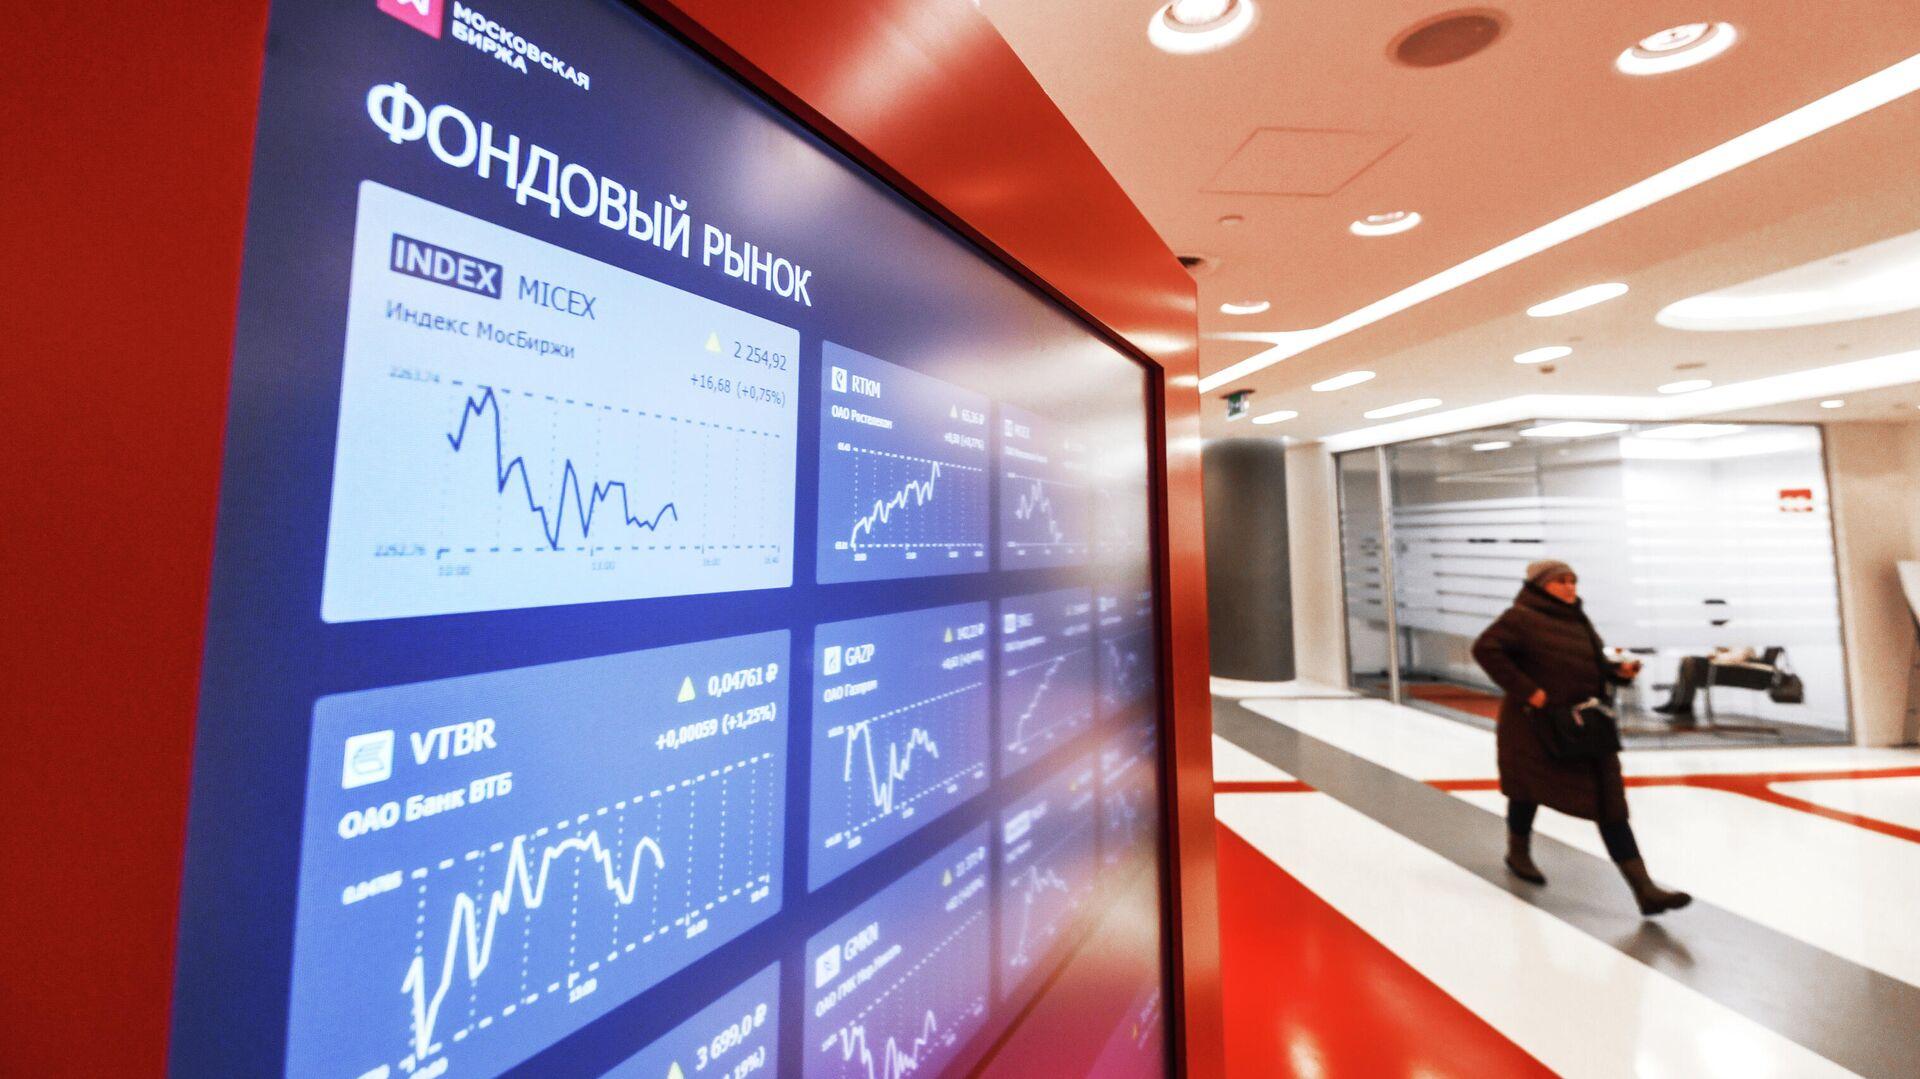 Инвестор назвал акции, которые принесут хорошую прибыль